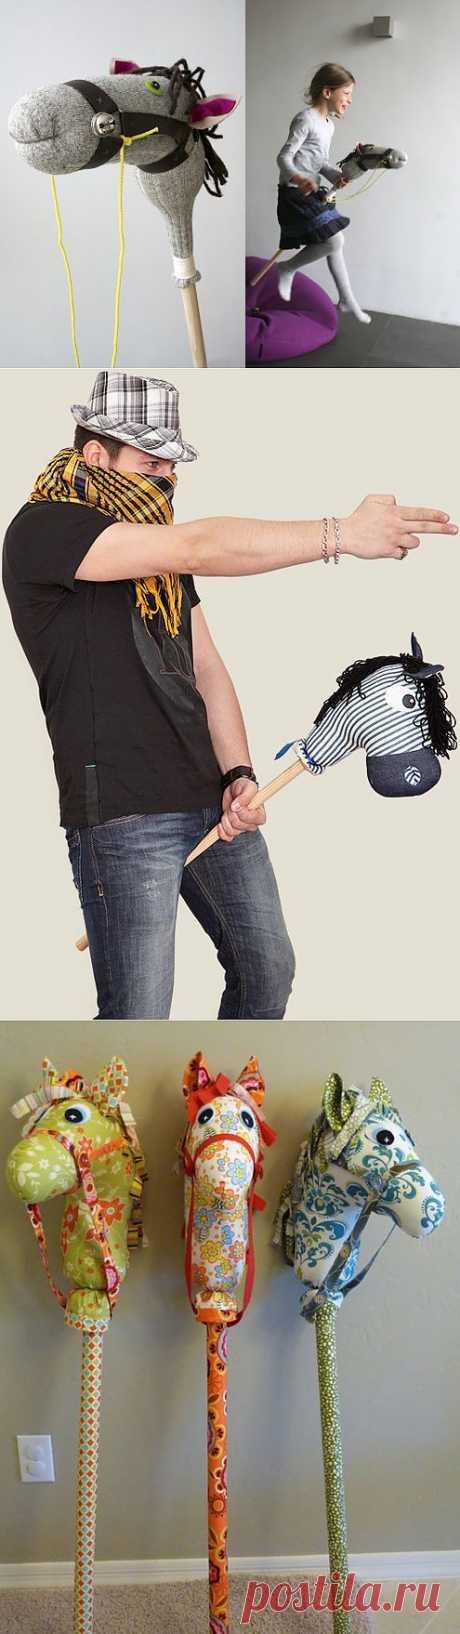 Лошадка-скакалка своими руками. Замечательная игрушка, которая понравится любому ребенку.